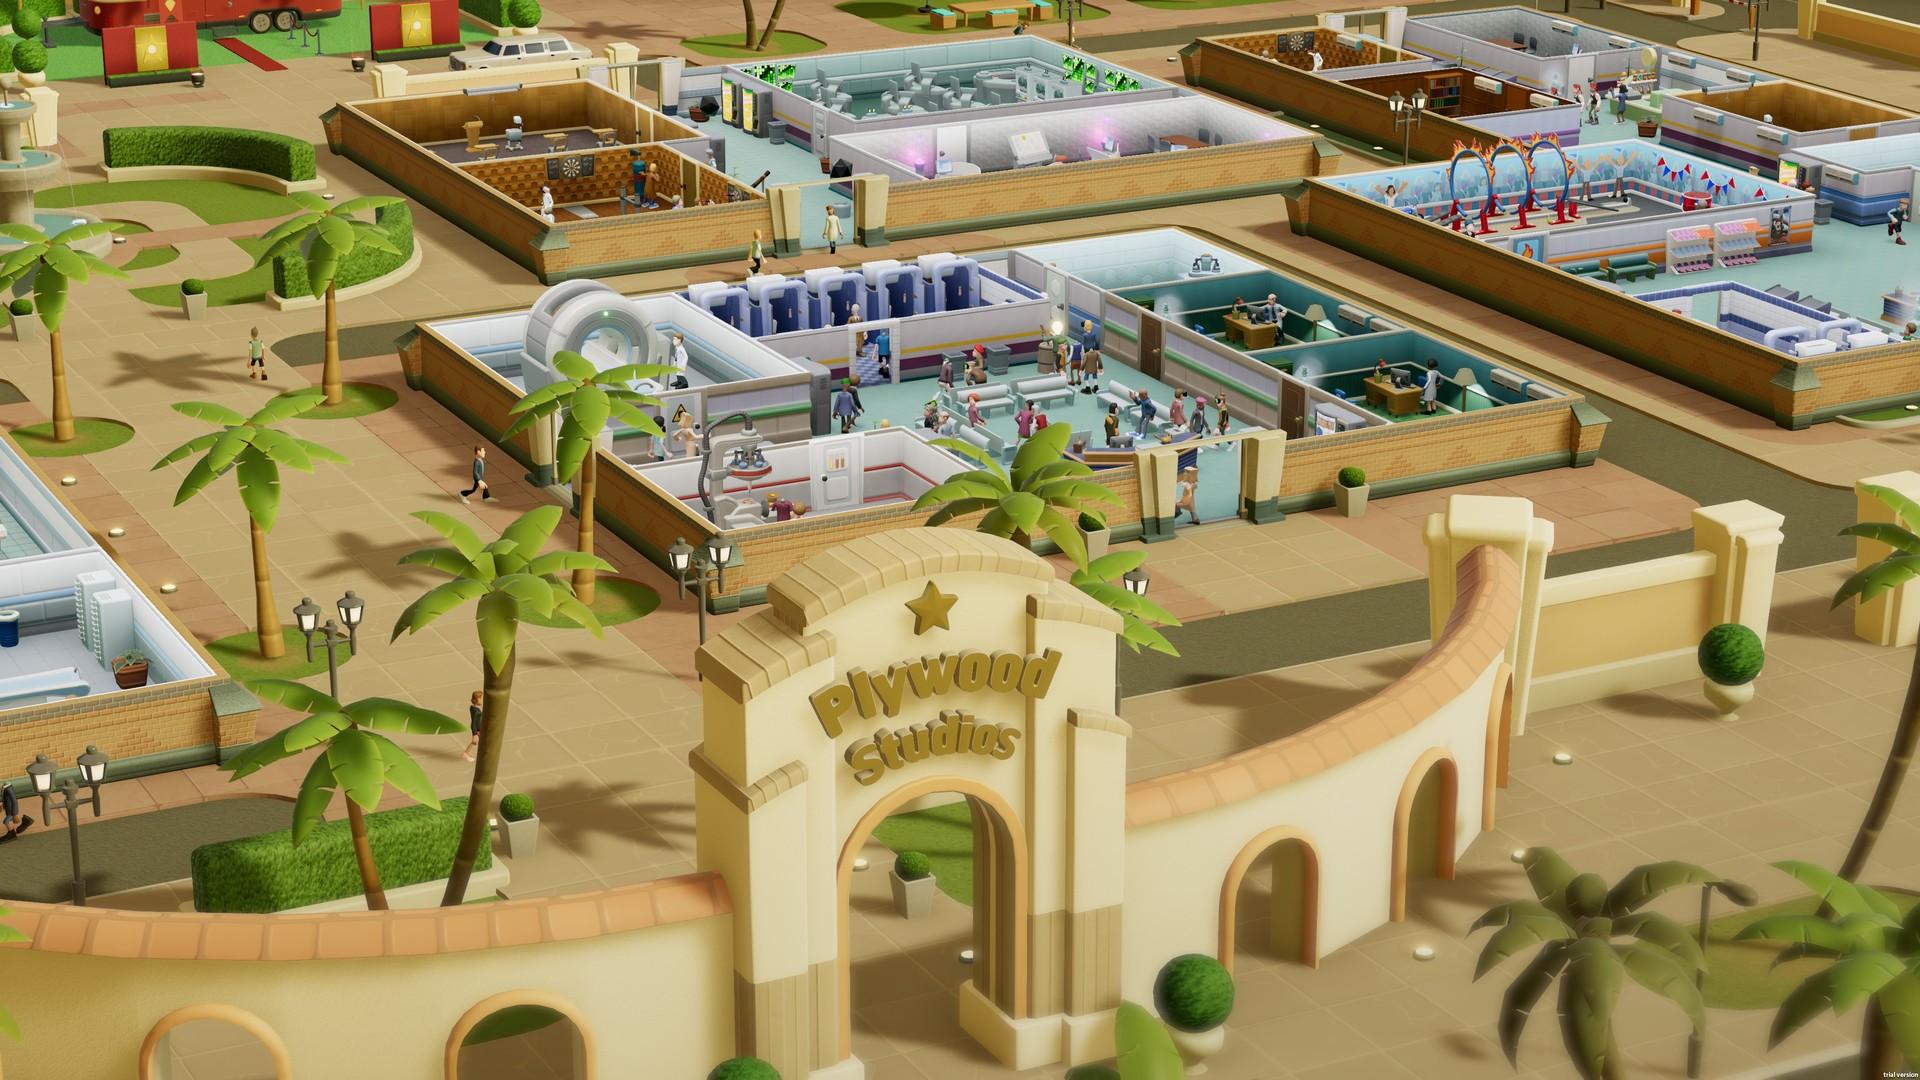 《双点医院:文化冲击》游戏截图